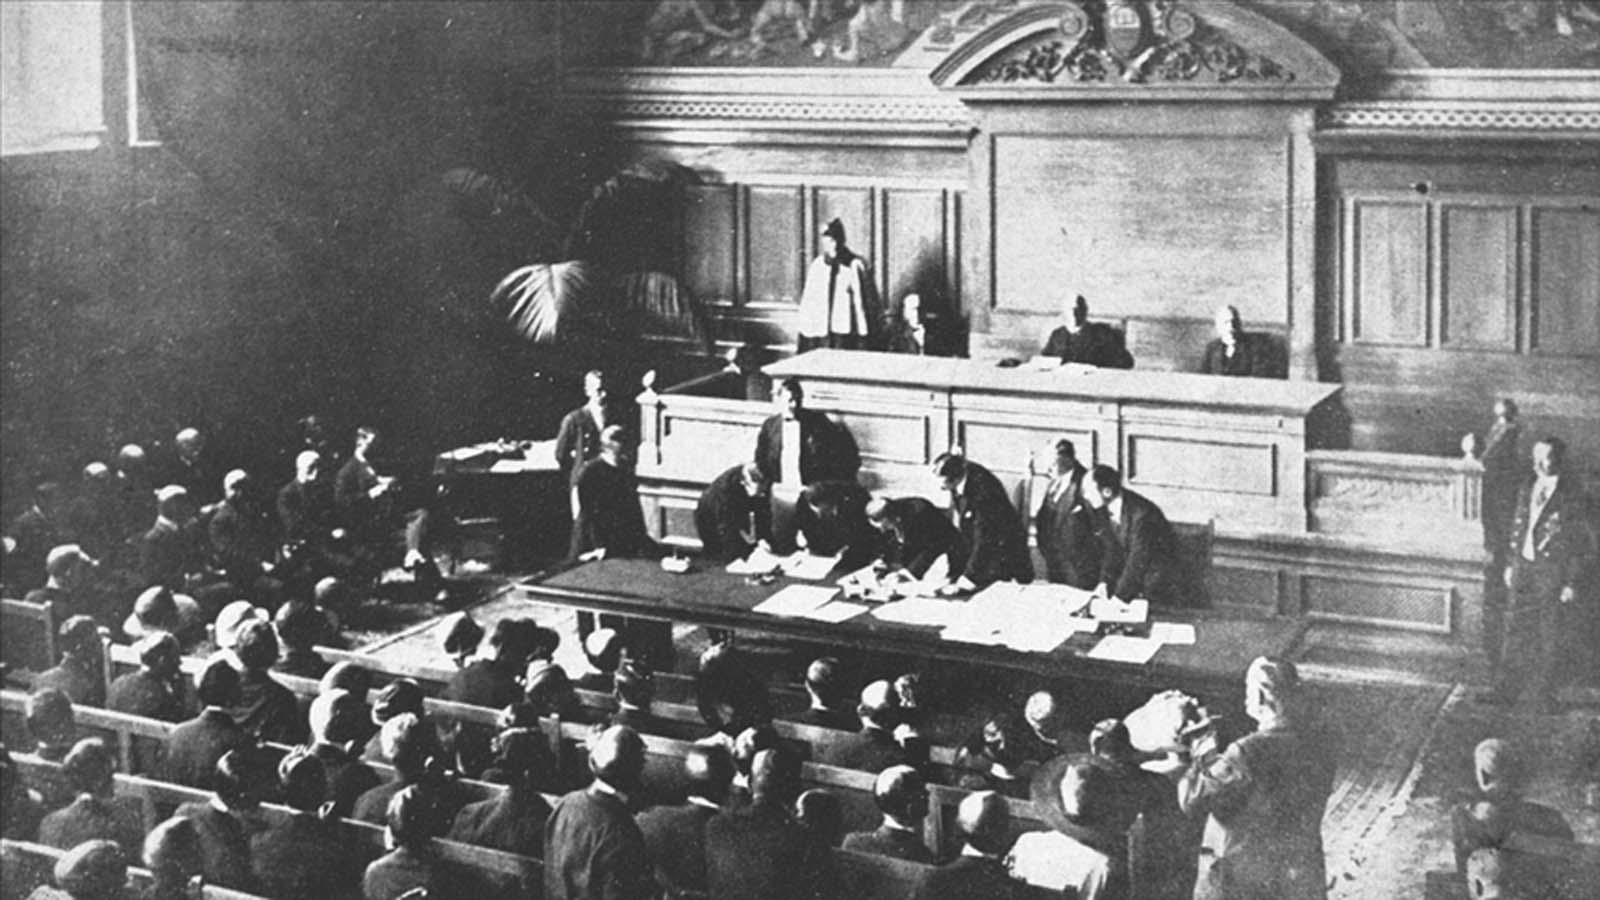 Lozan Antlaşması nedir? Lozan Antlaşması maddeleri, şartları ve önemi